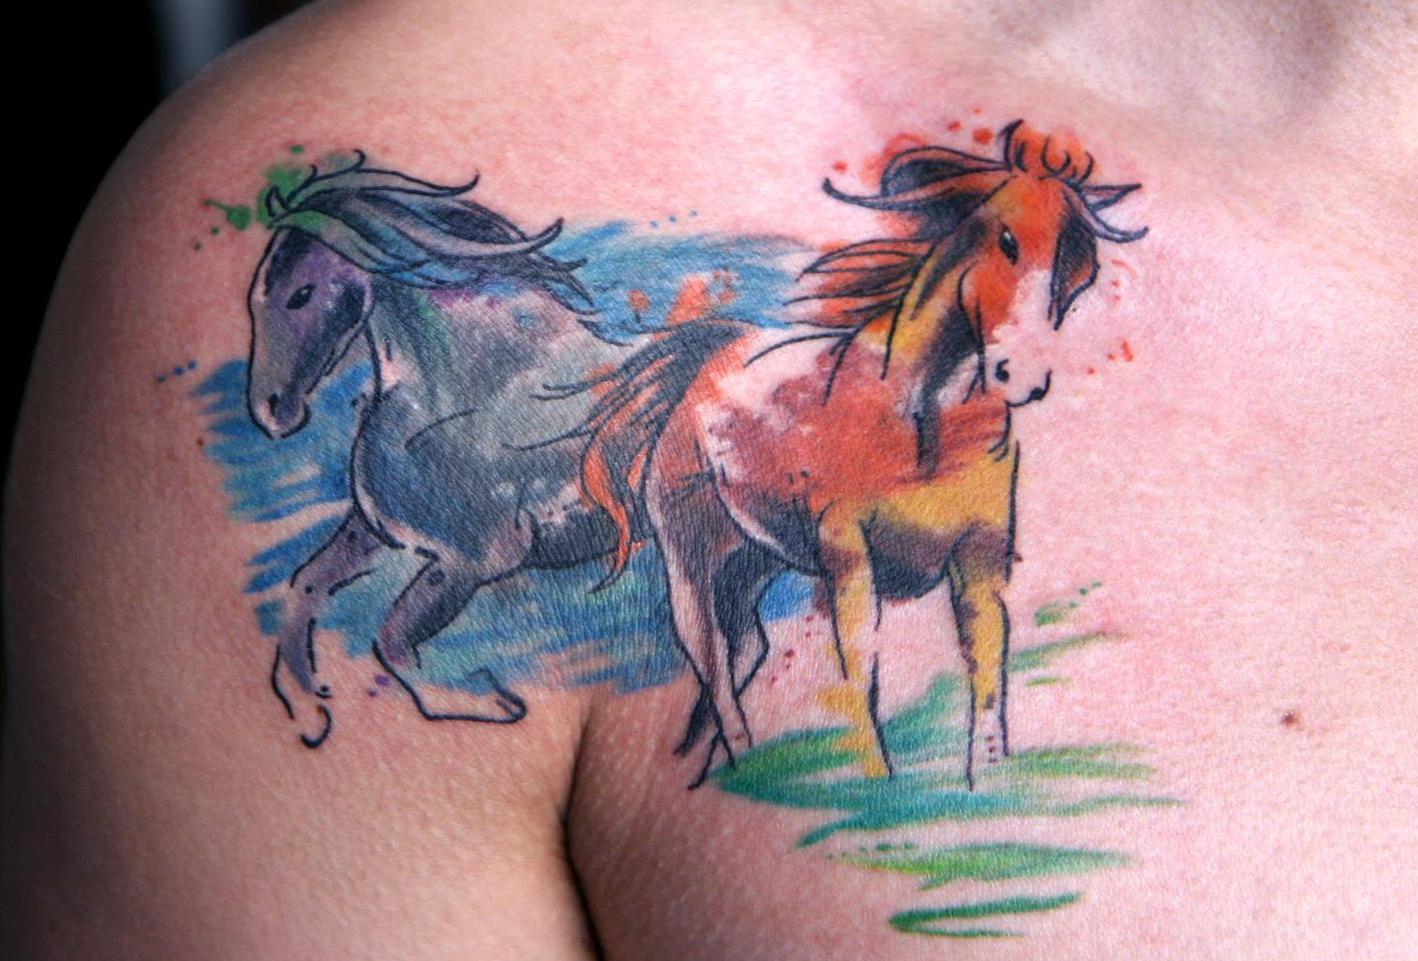 acuarela - tatuajes en acuarela